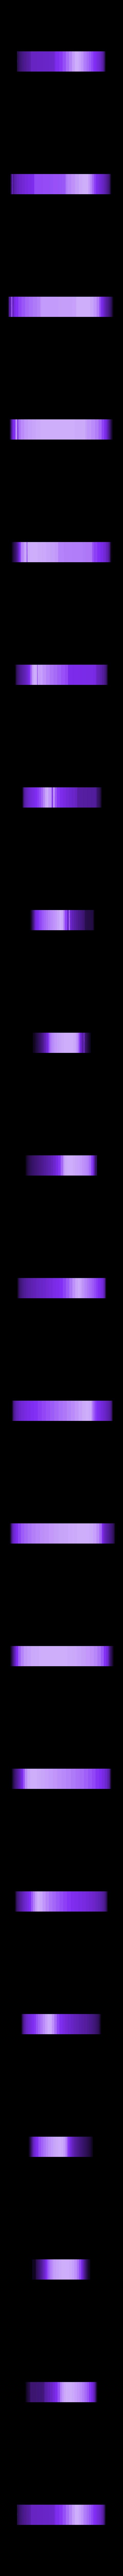 """O-1.stl Télécharger fichier STL gratuit LED light letters """"Why not?"""" • Objet pour impression 3D, dukedoks"""